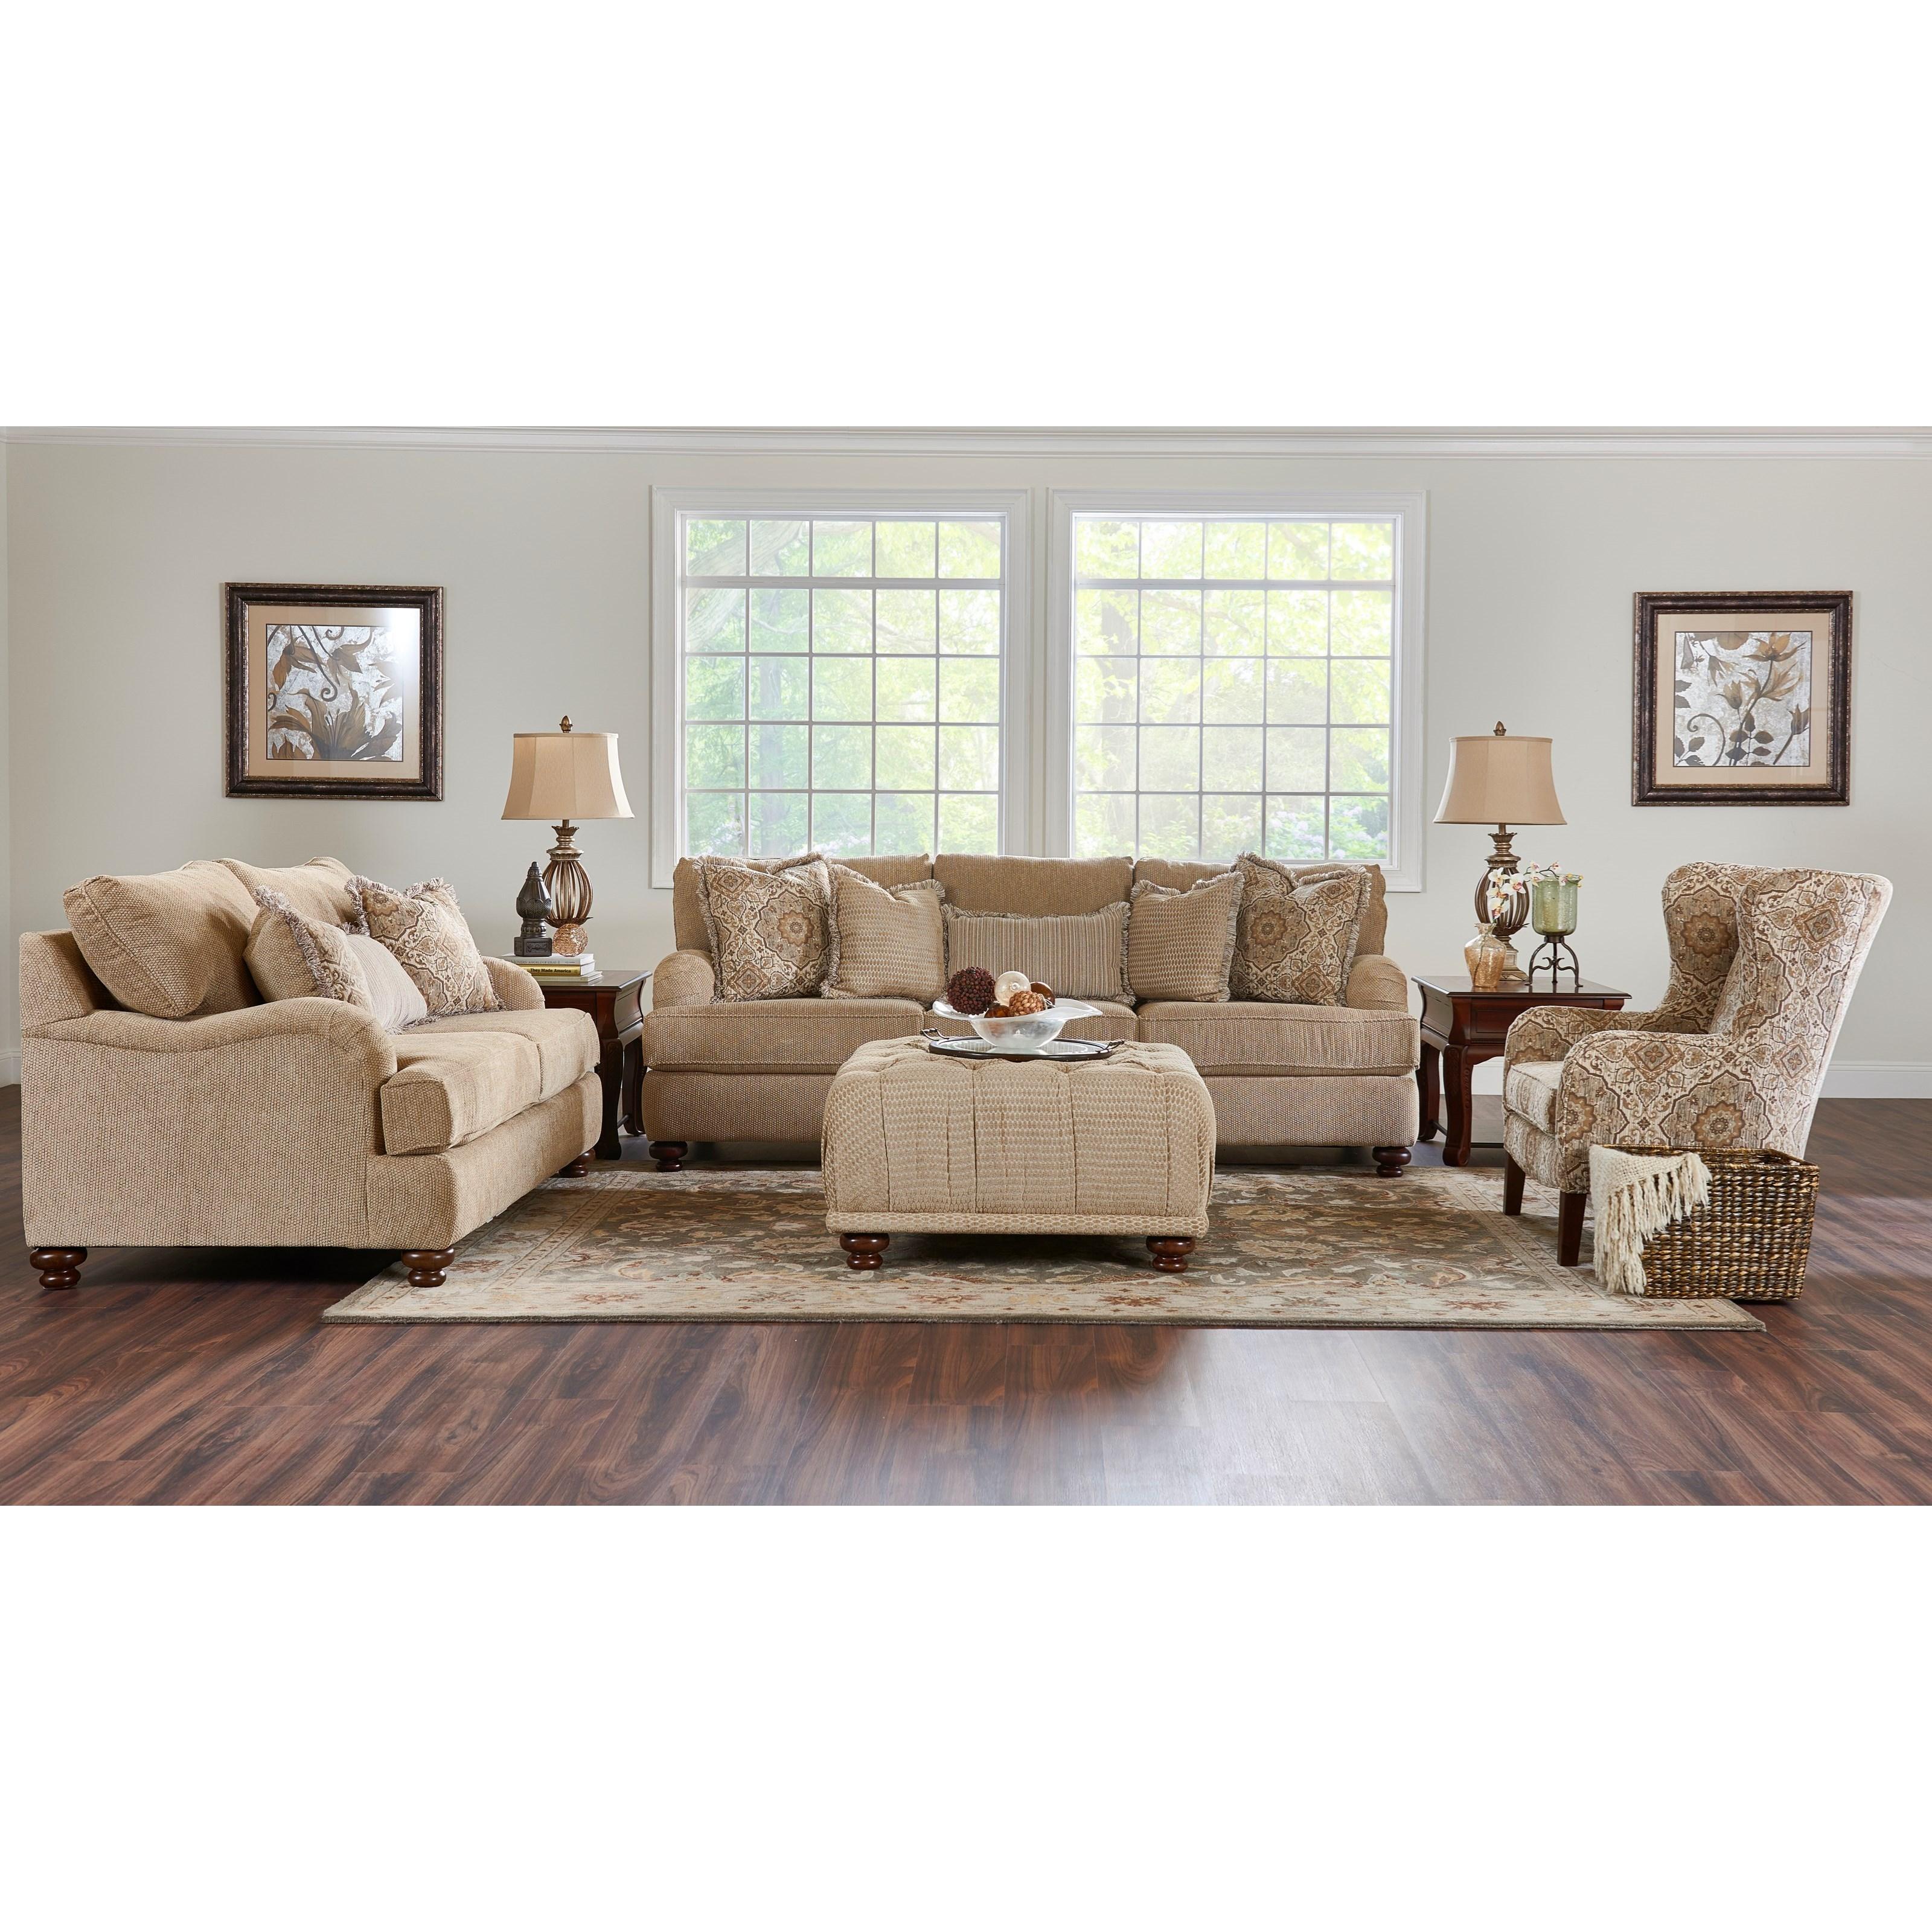 Declan Living Room Group